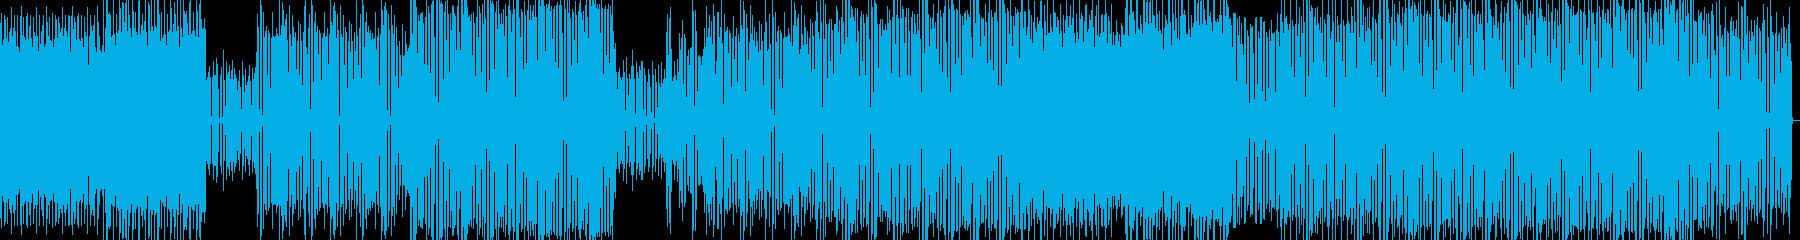 電気計器技術とハイテクのテーマ。ロ...の再生済みの波形